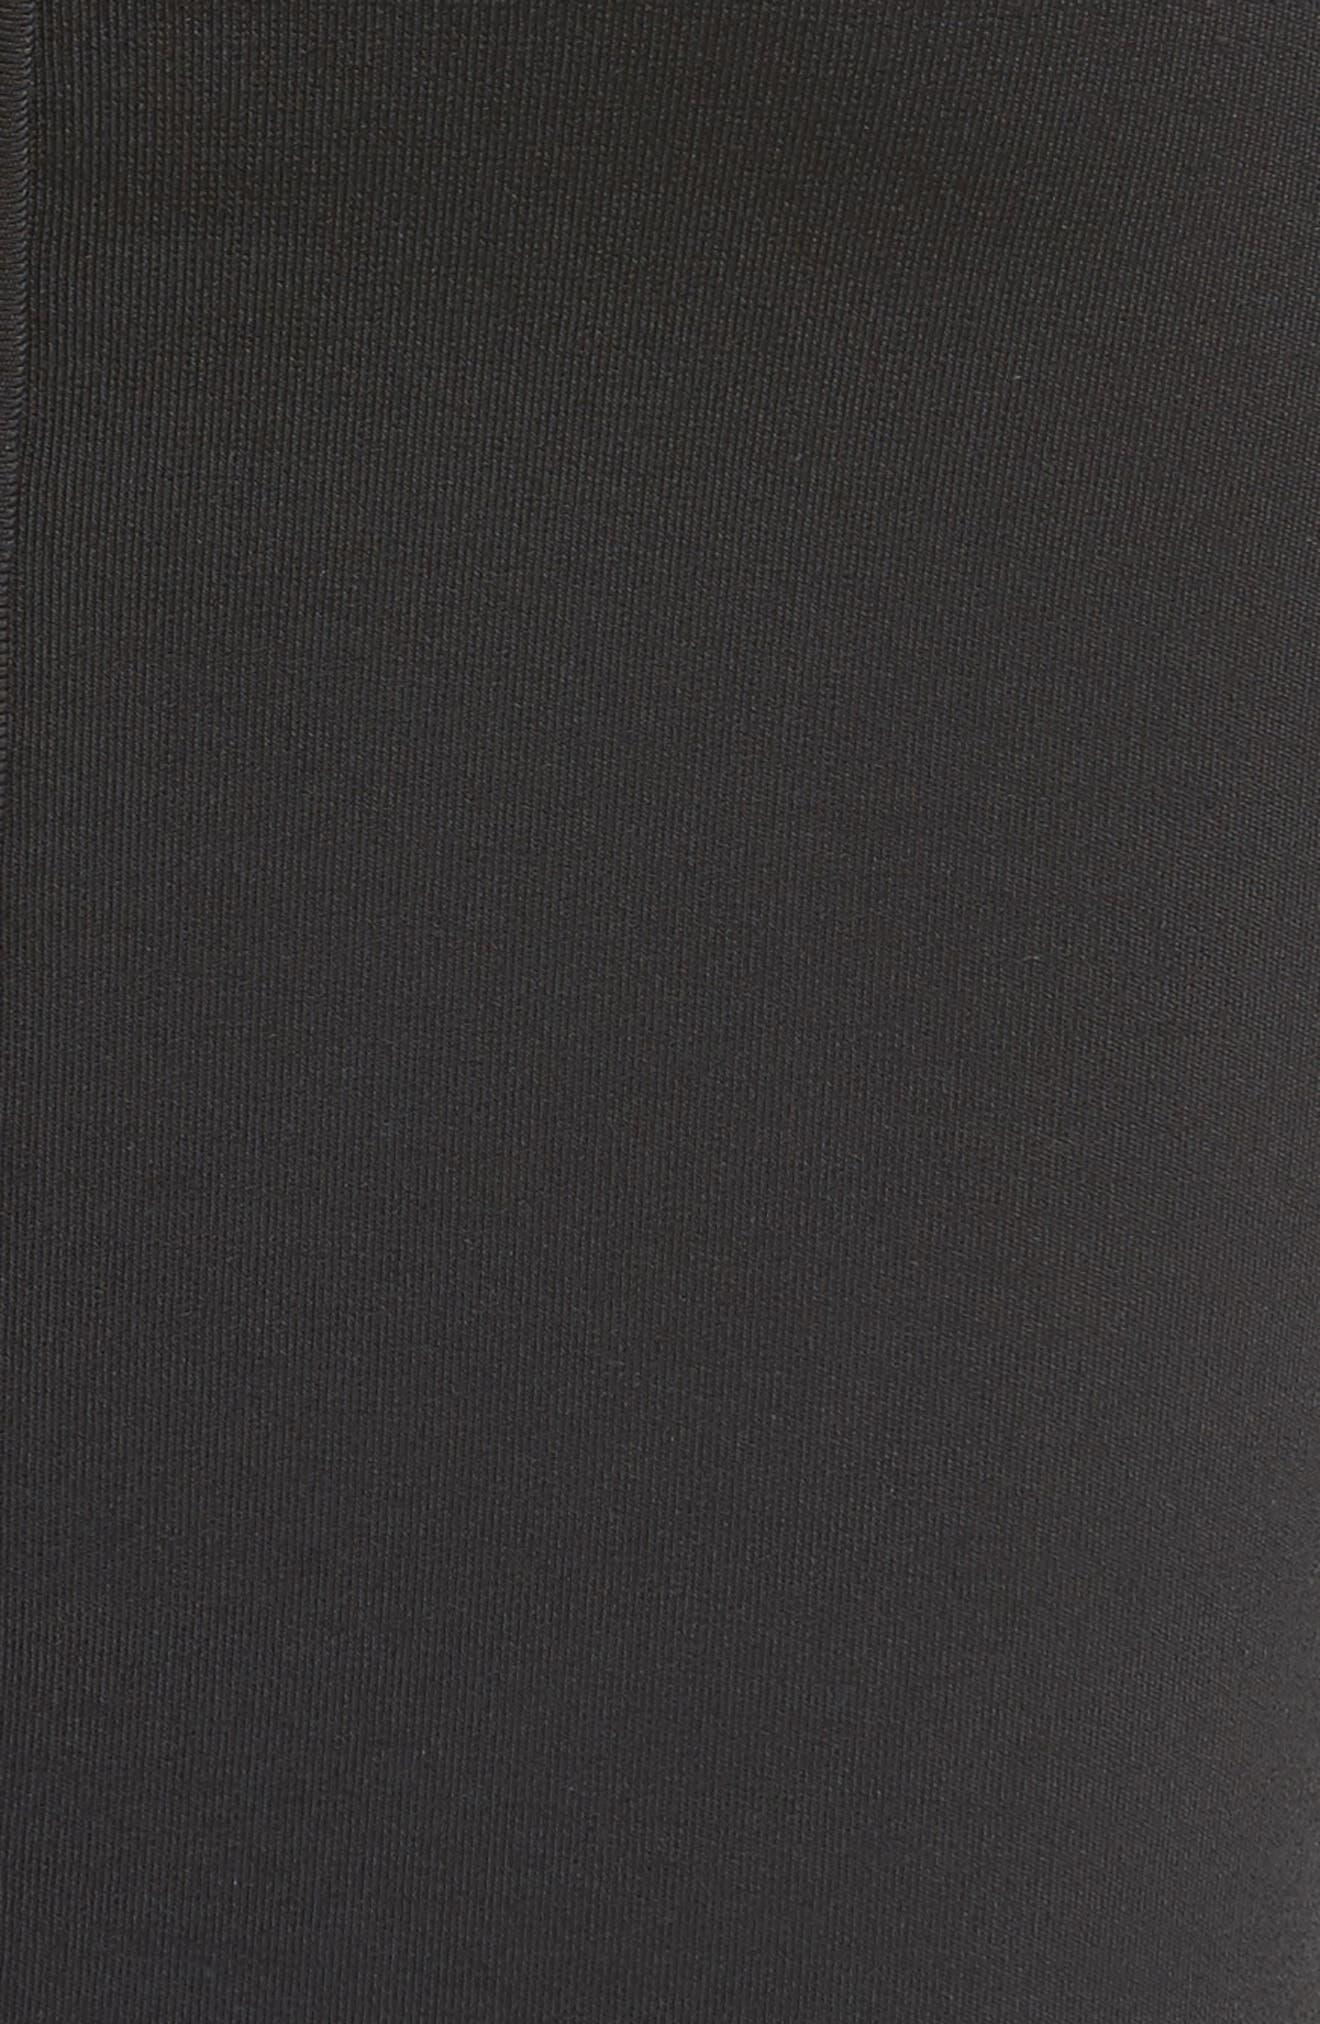 Knit Pencil Skirt,                             Alternate thumbnail 5, color,                             Black